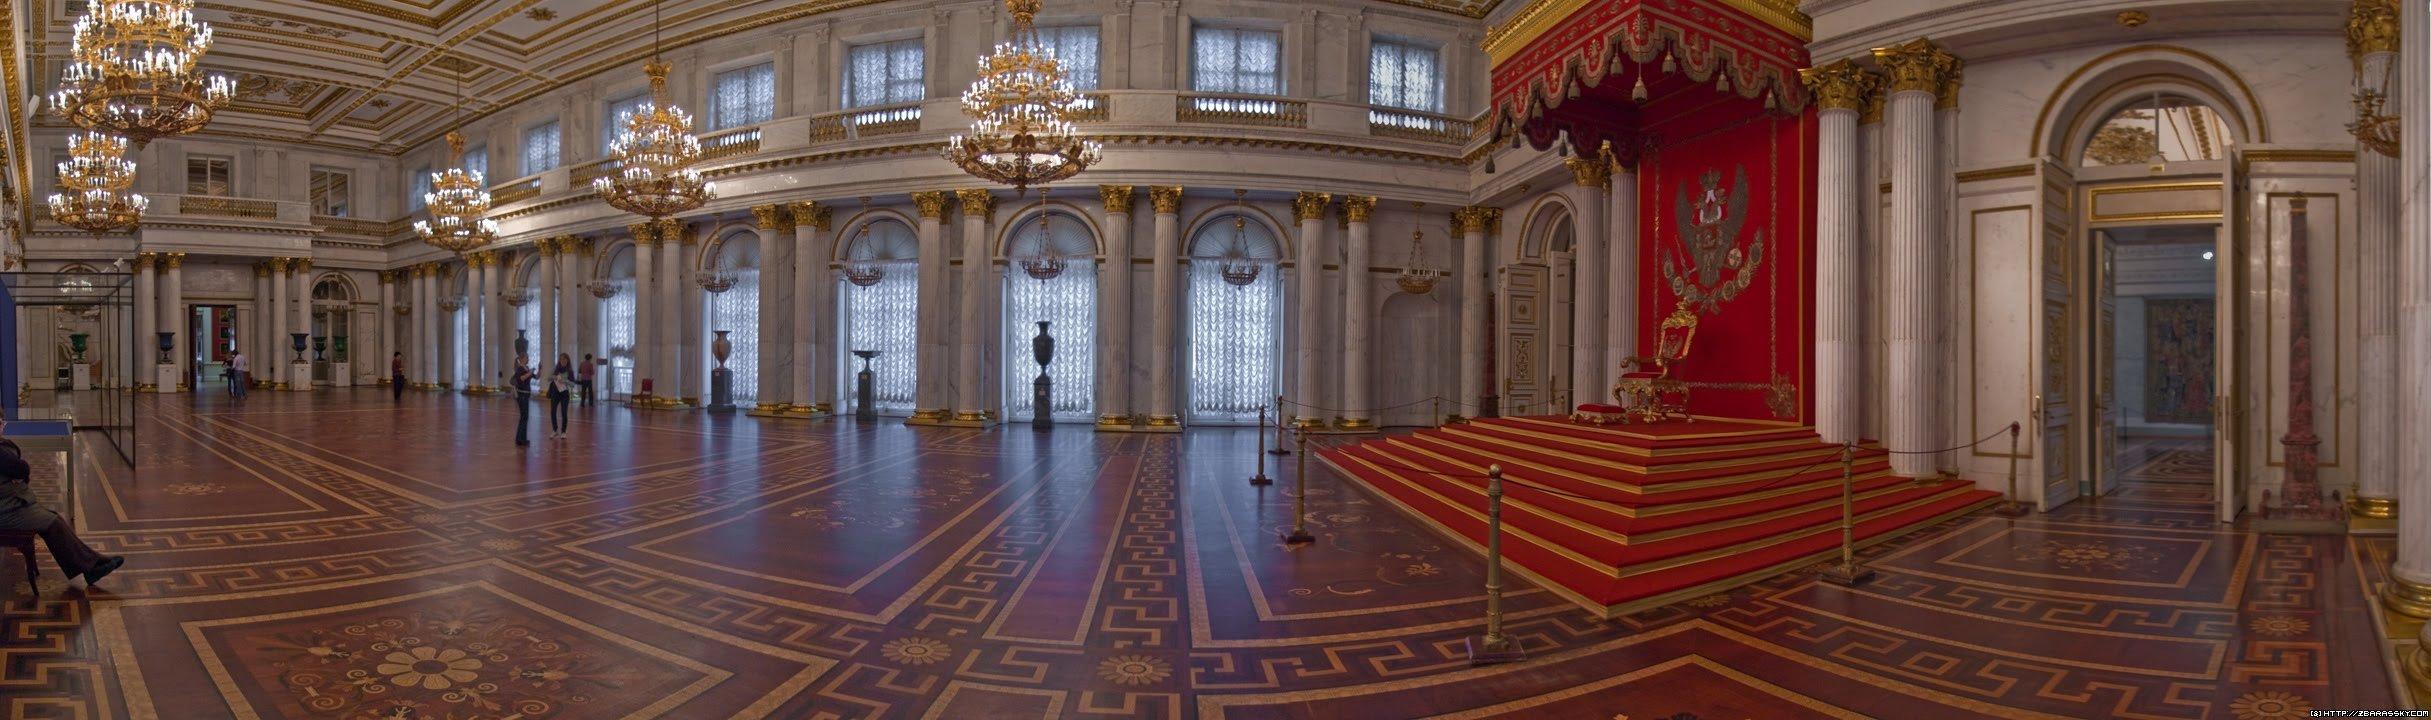 Георгиевский зал эрмитажа